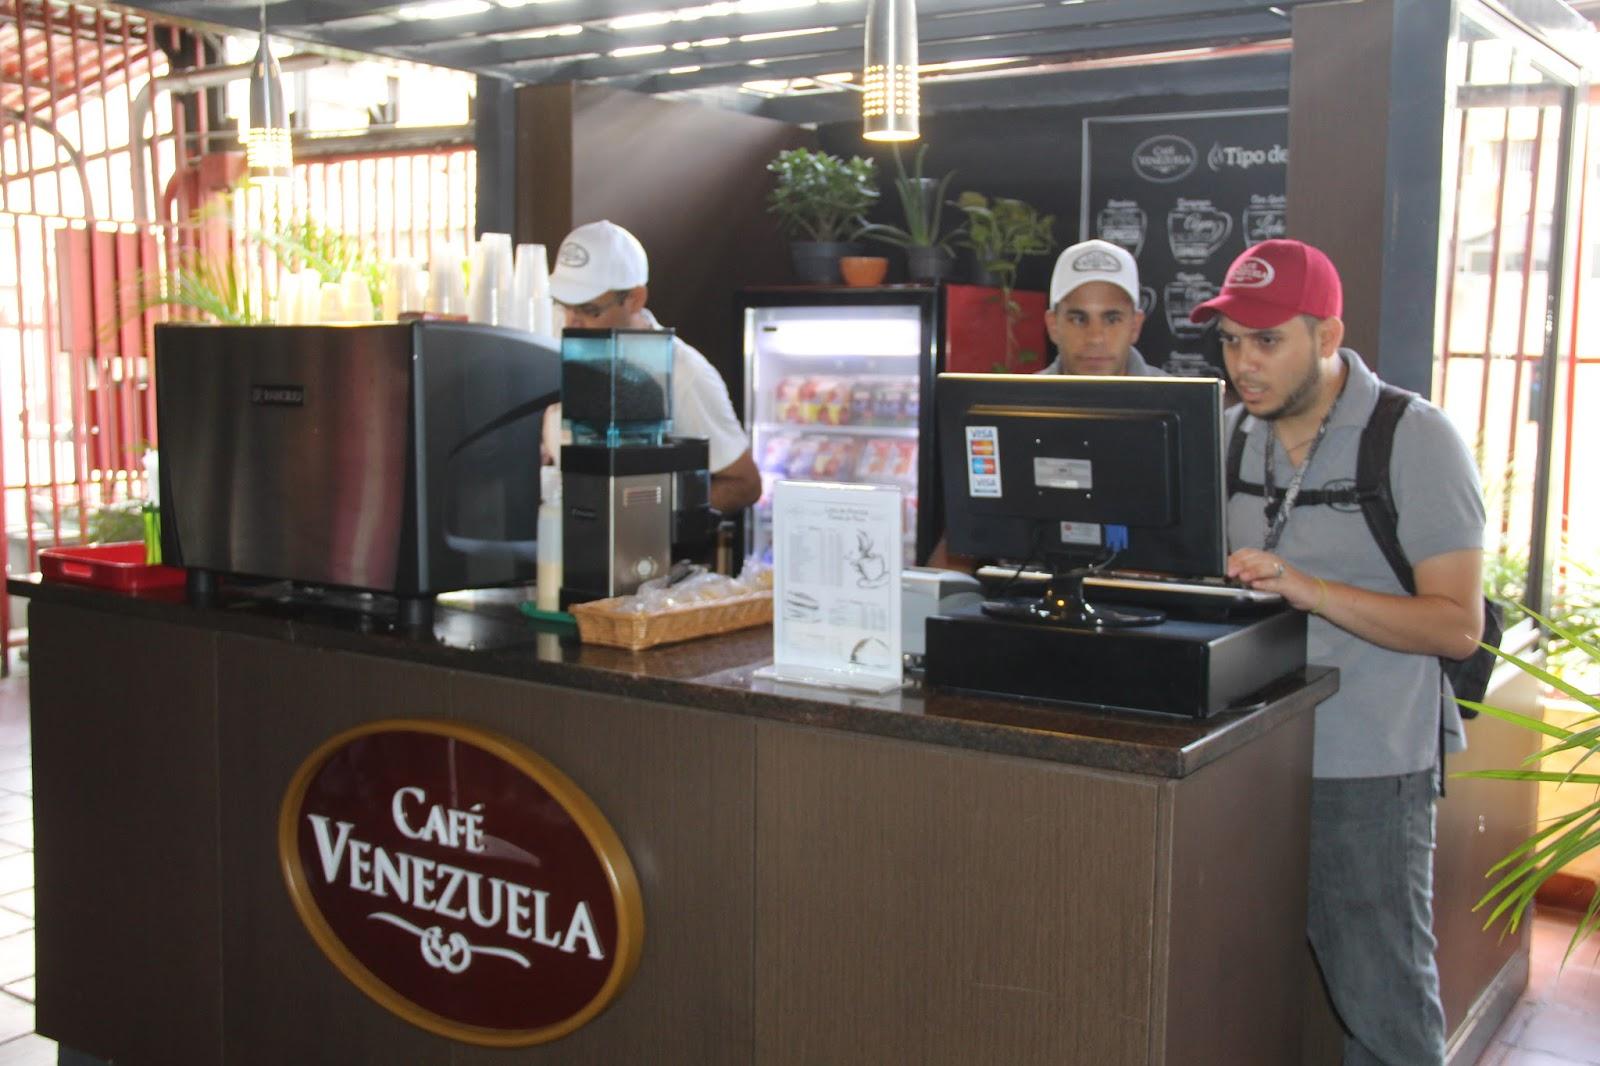 por su parte daniel guerrero presidente de caf venezuela seal que con la apertura de dicha tienda en el ministerio de habitat y vivienda